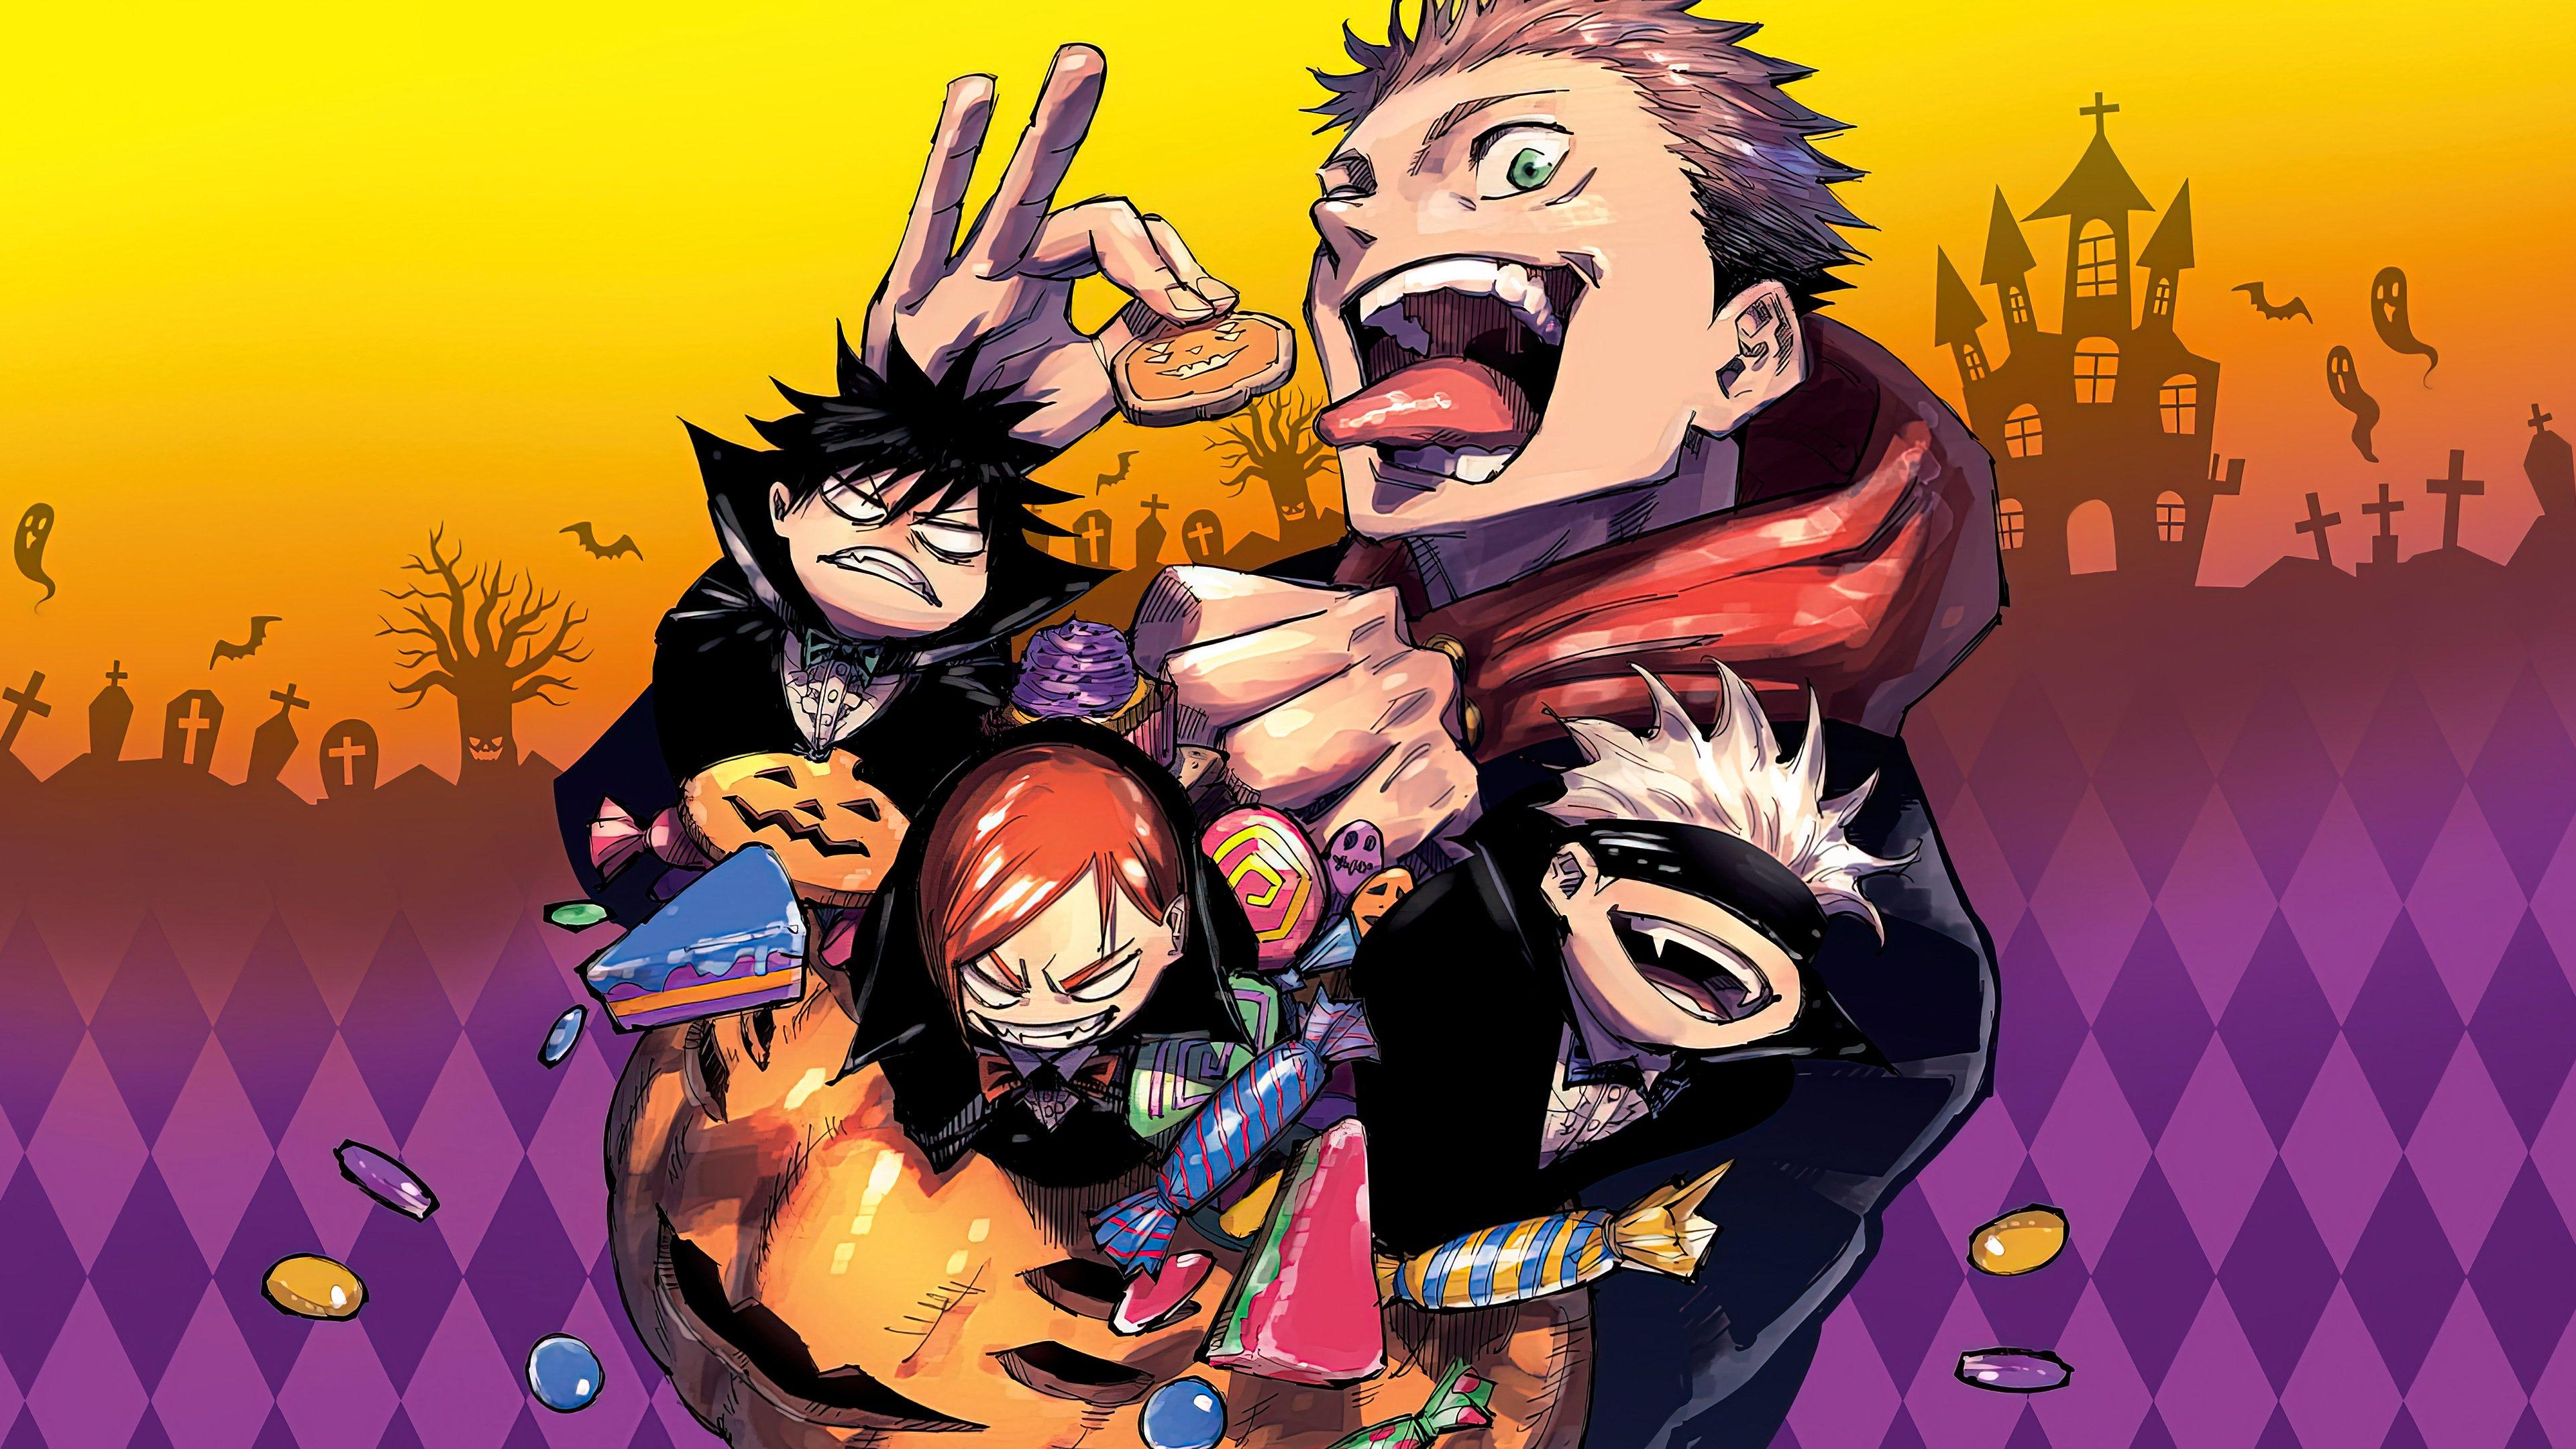 Fondos de pantalla Anime Personajes de Jujutsu Kaisen 2020